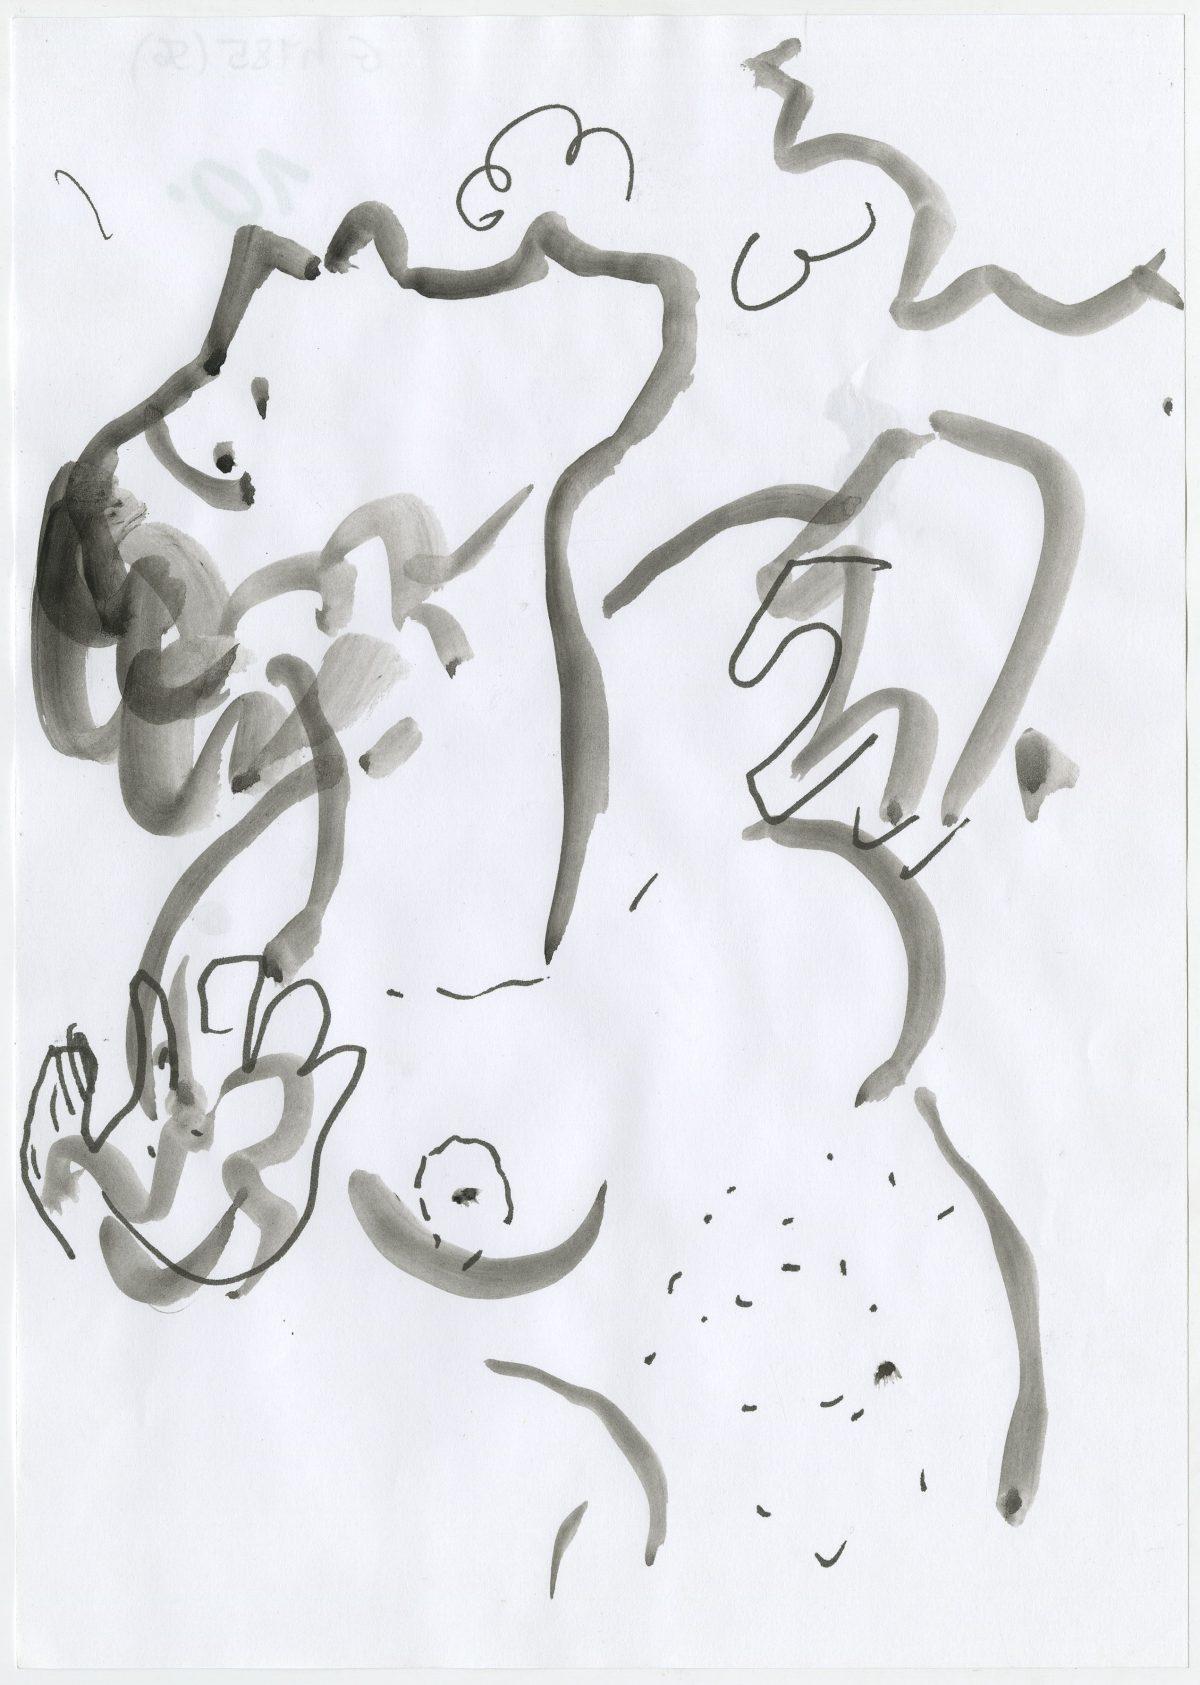 G04785(56)<br/> <b>Cím:</b> Átkozott és áldott életbe a művészet oly sokszor visszahozott <br/> <b>Méret cm:</b> 21X29,6 <br/> <b>Készült:</b> 2001. <br/> <b>Technika:</b> tus<br/>